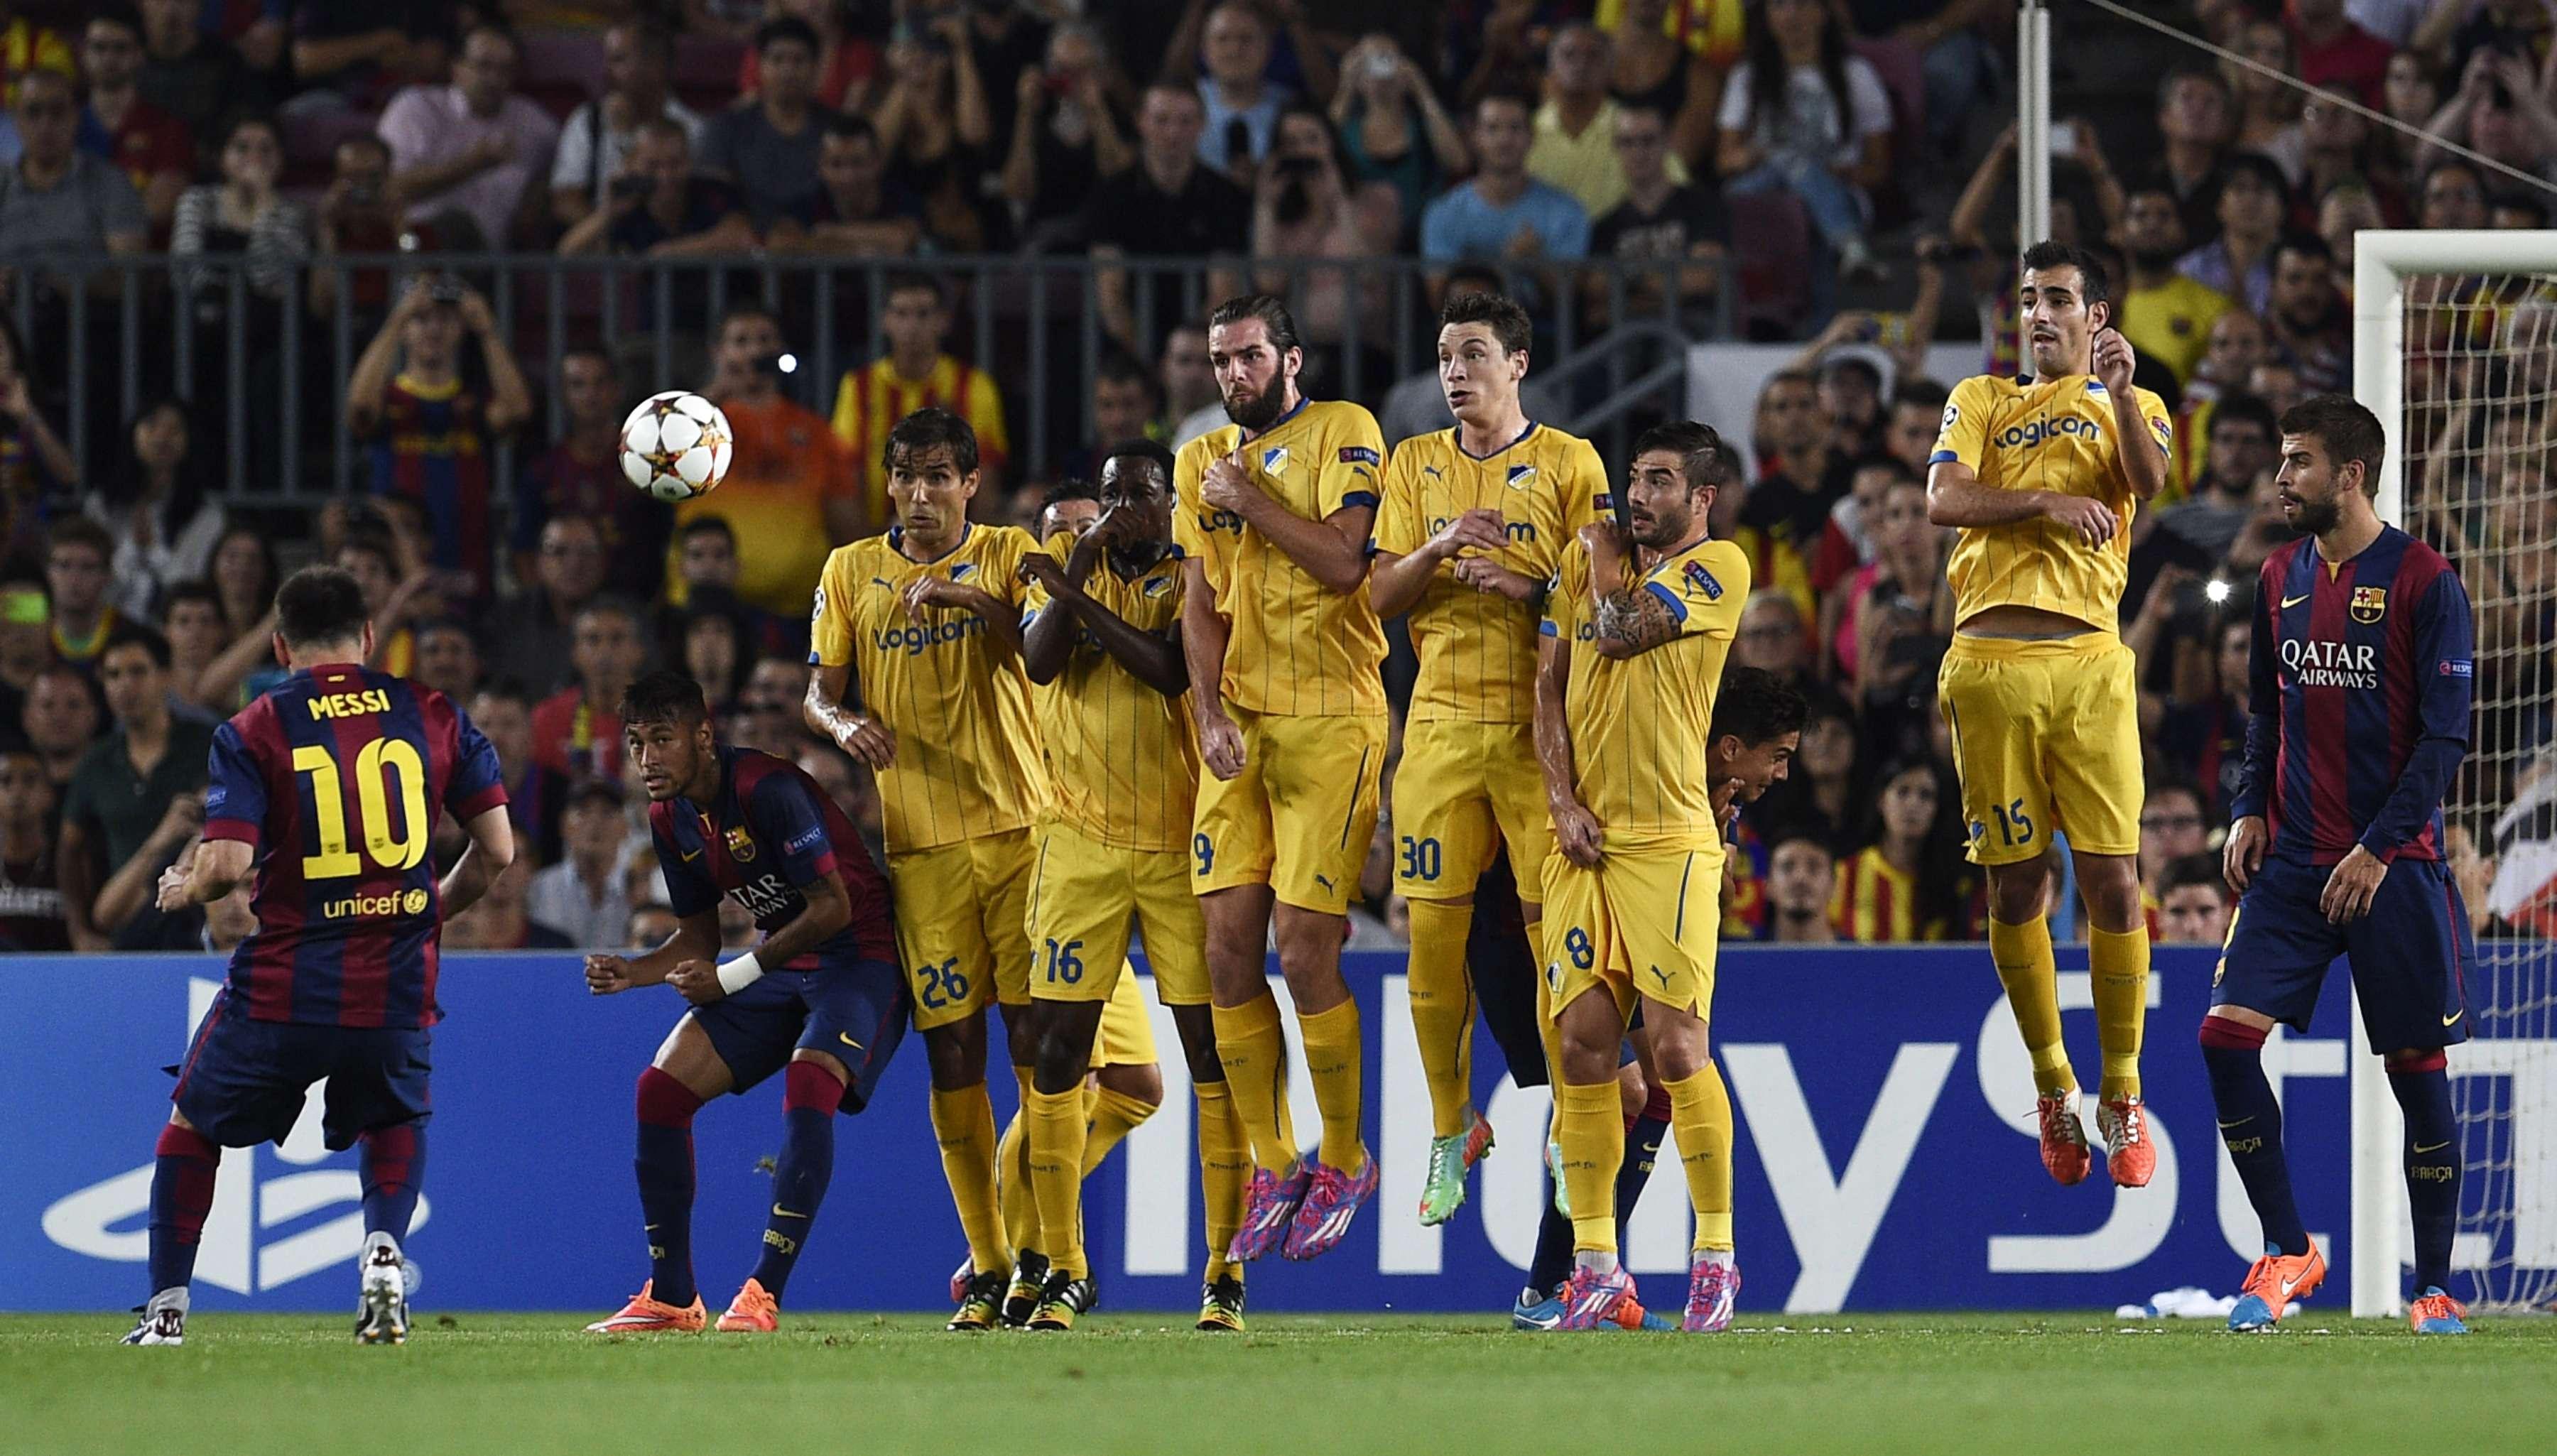 Lionel Messi arrisca cobrança de falta no duelo entre Barcelona e Apoel; confira a seguir mais imagens da rodada de quarta-feira da Liga dos Campeões Foto: Lluis Gene/AFP